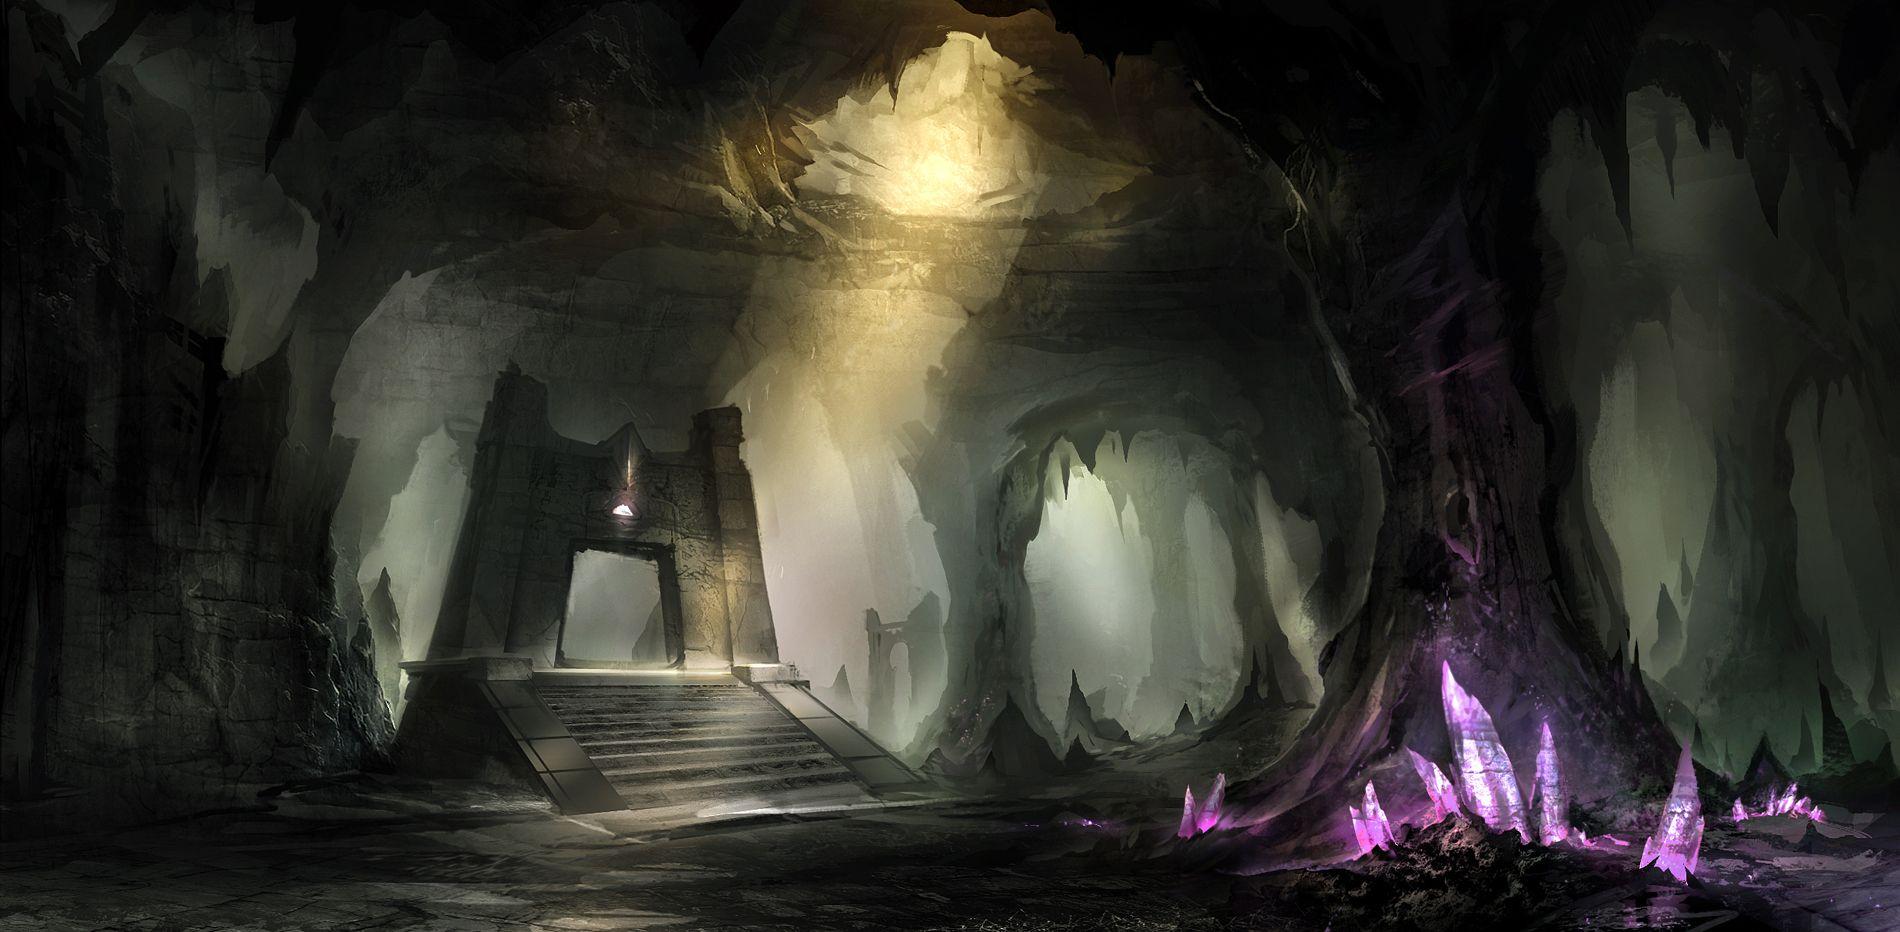 Пещеры фэнтези картинки